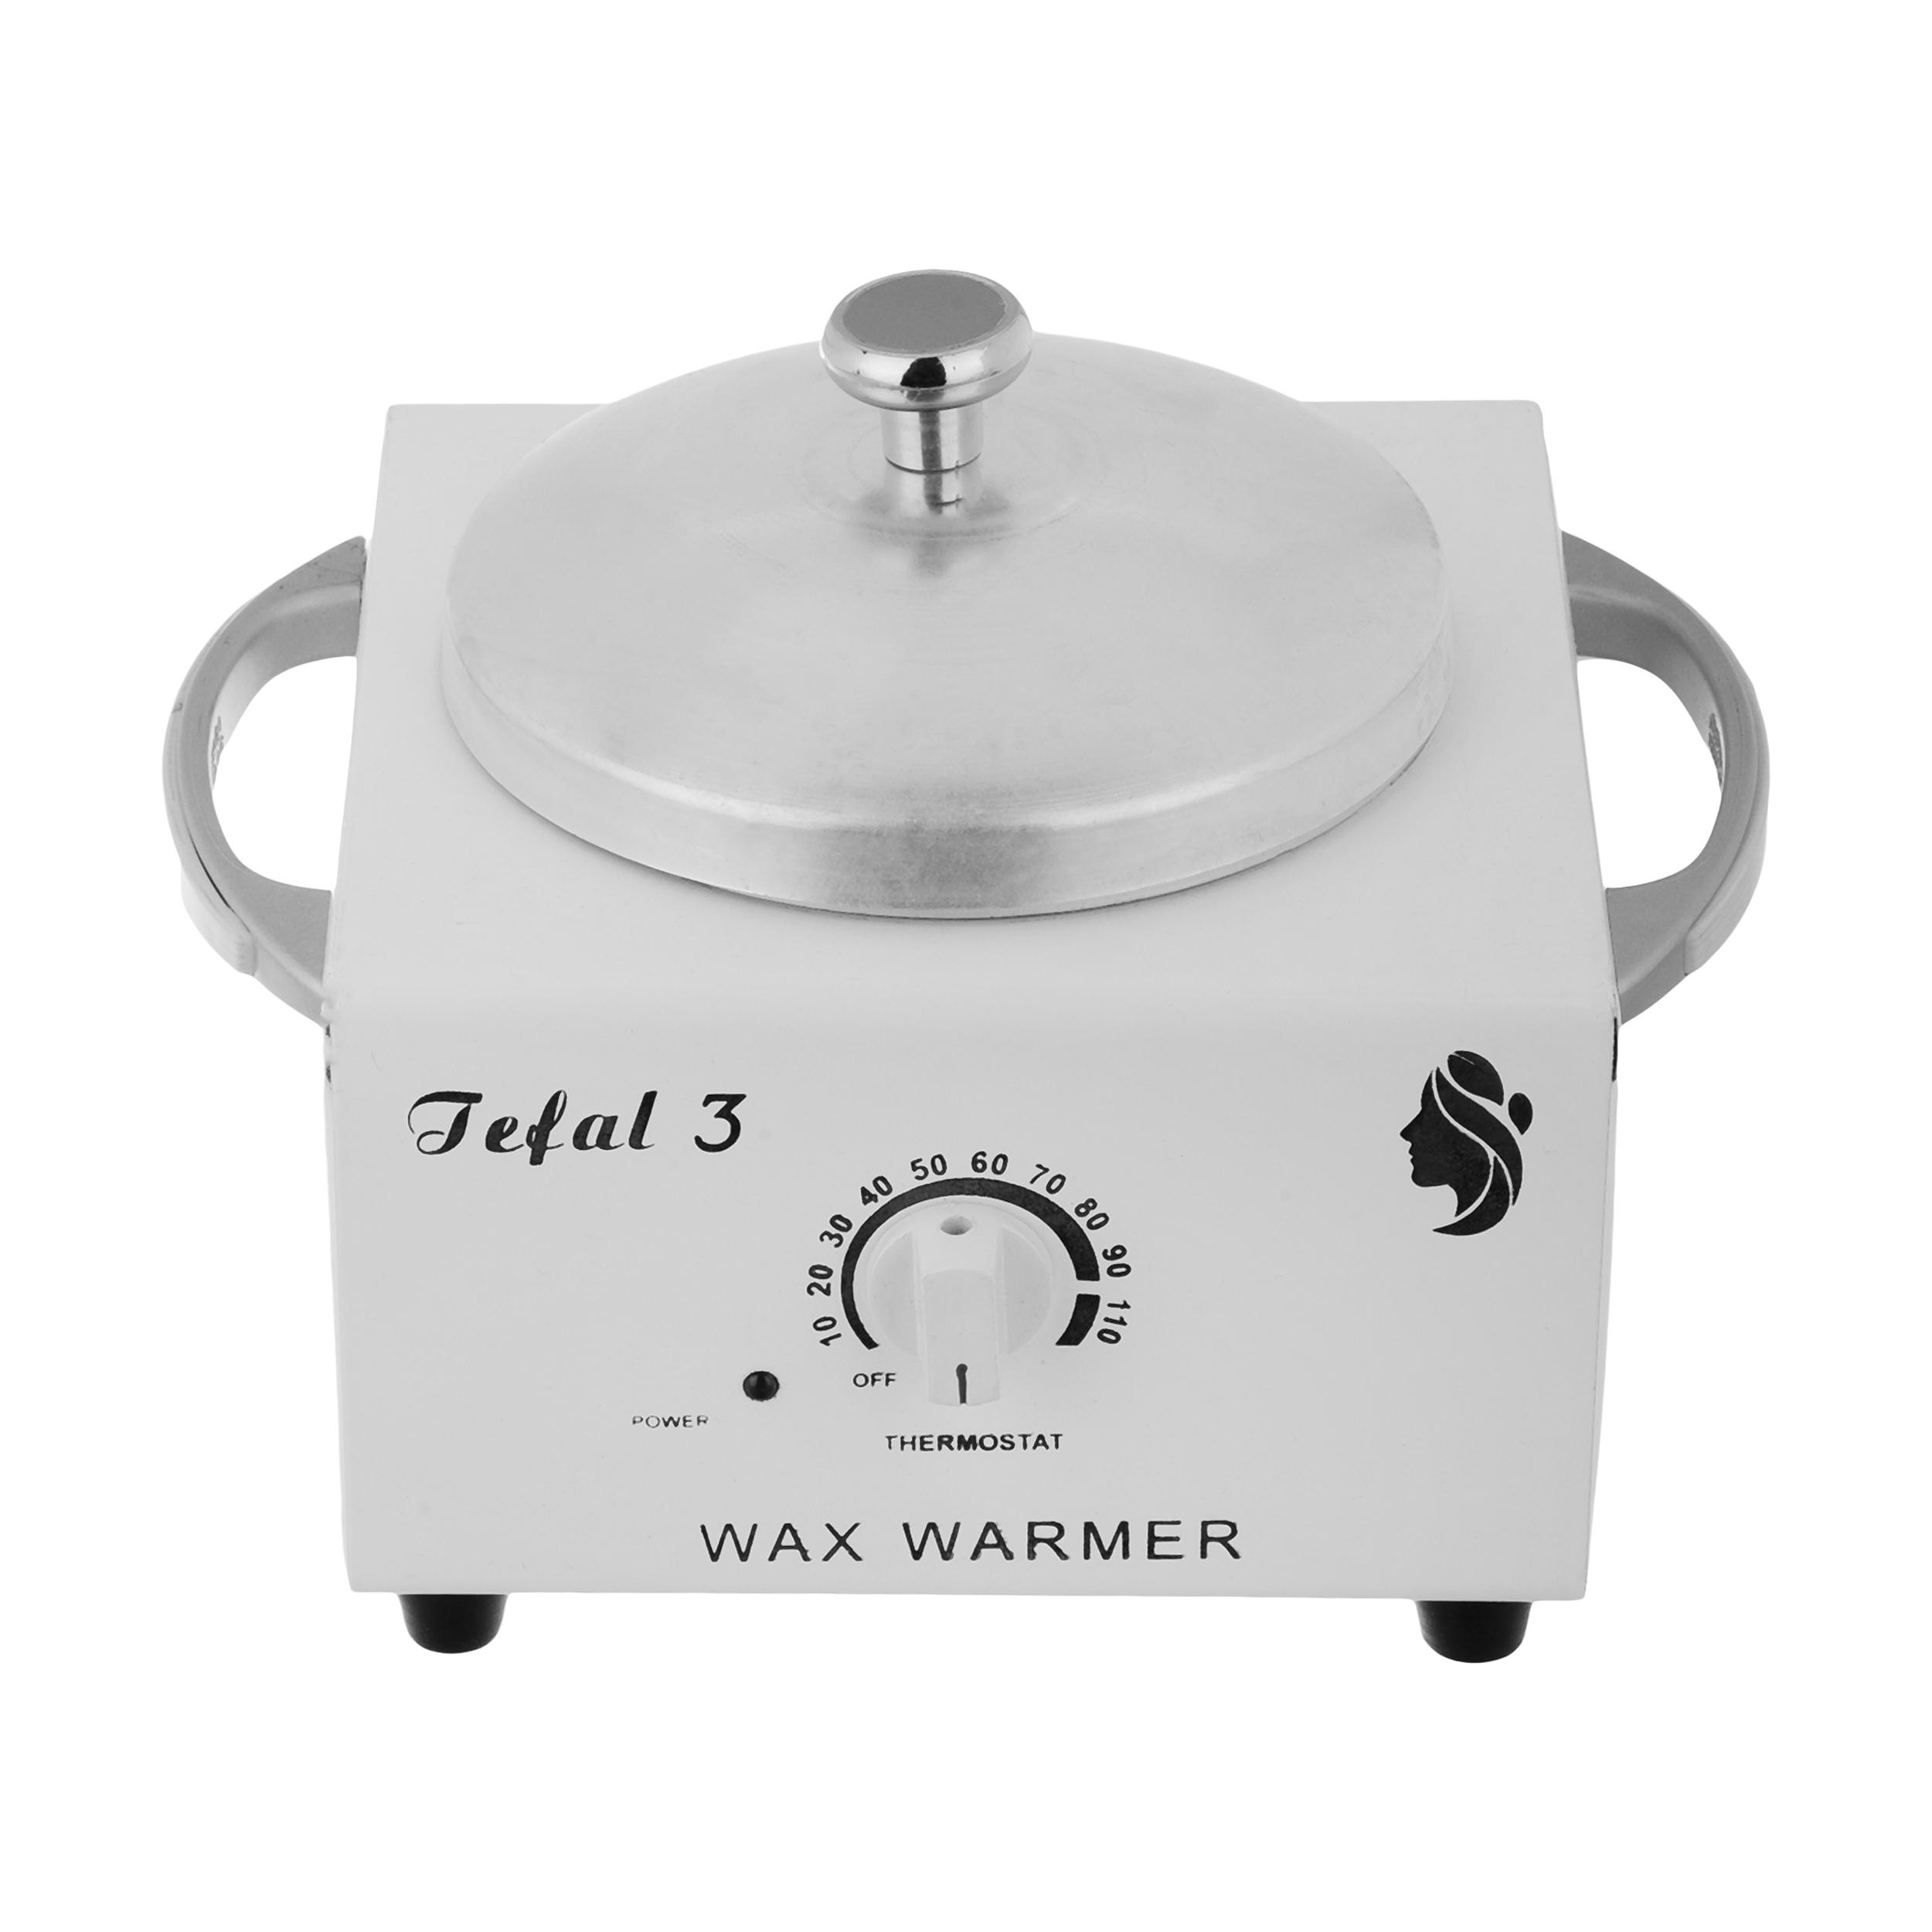 گرم کننده وکس تیفال 3 کد 3